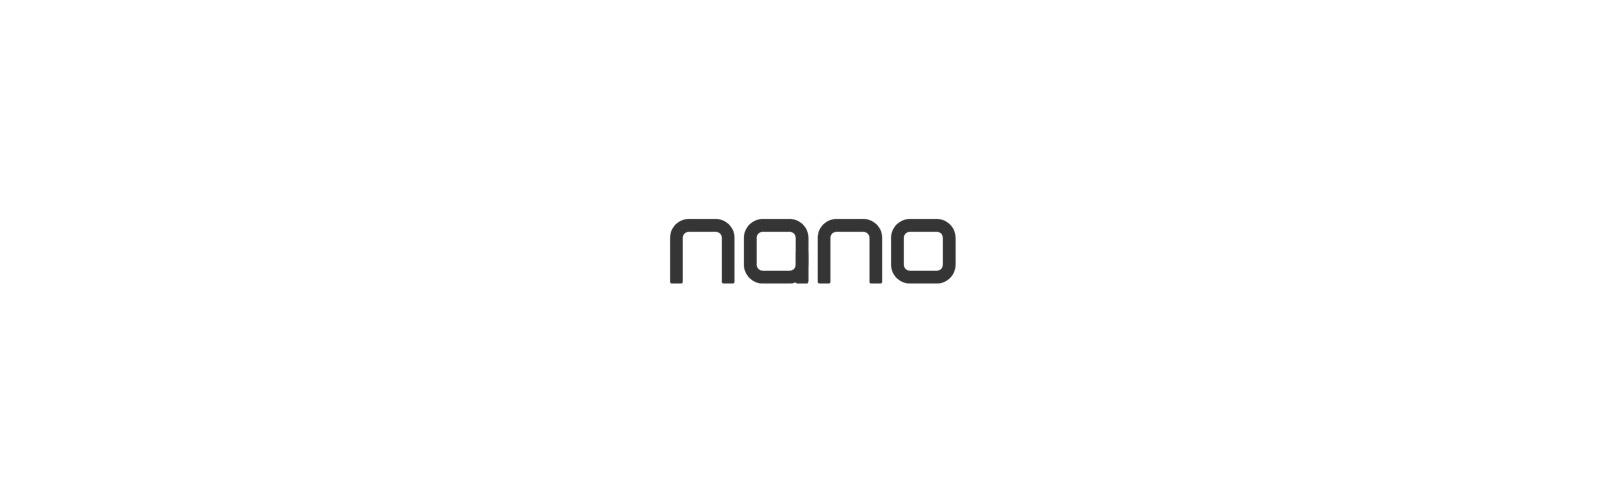 nano-logo